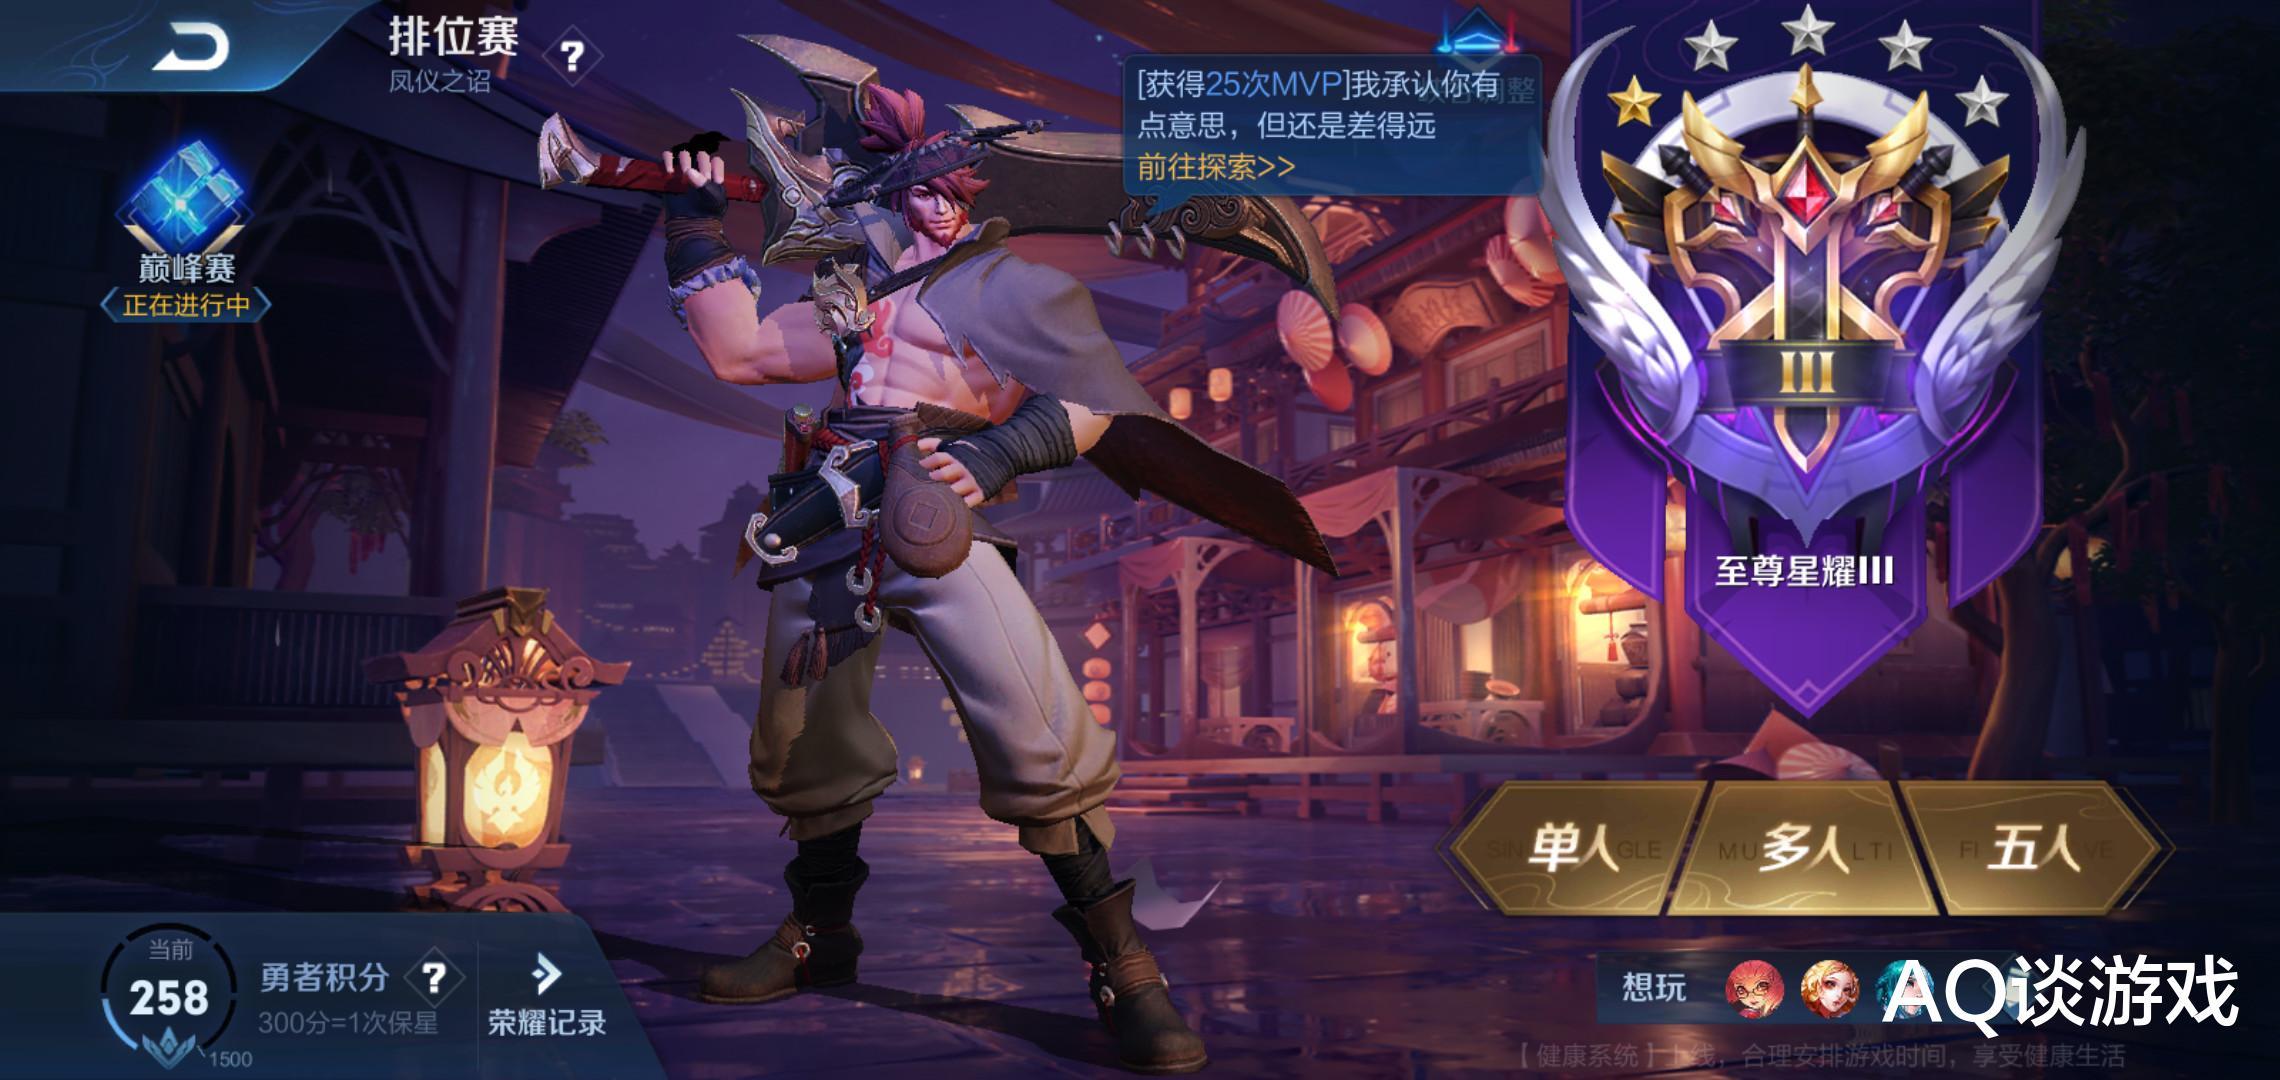 王者荣耀:狮心王返场事件真相大白,玩家开心笑了 狮心王 王者荣耀 手游热点  第3张